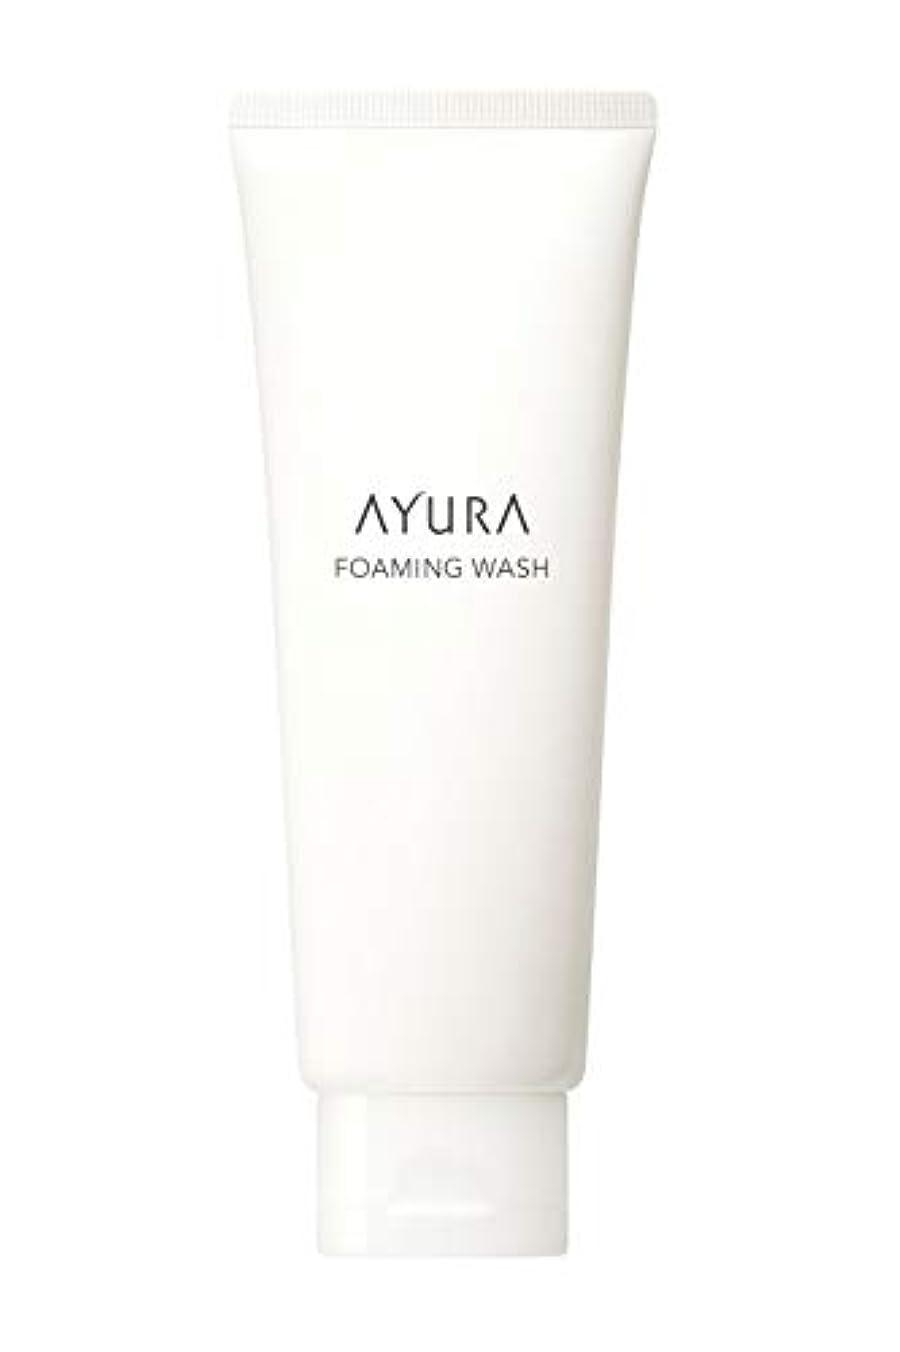 生命体ピン透過性アユーラ (AYURA) フォーミングウォッシュ 120g 〈 洗顔料 〉 肌をいたわりながら汚れを落とす つるんとやわらかな素肌へ 洗うたびにうるおいを与えるもっちり濃密泡の洗顔料